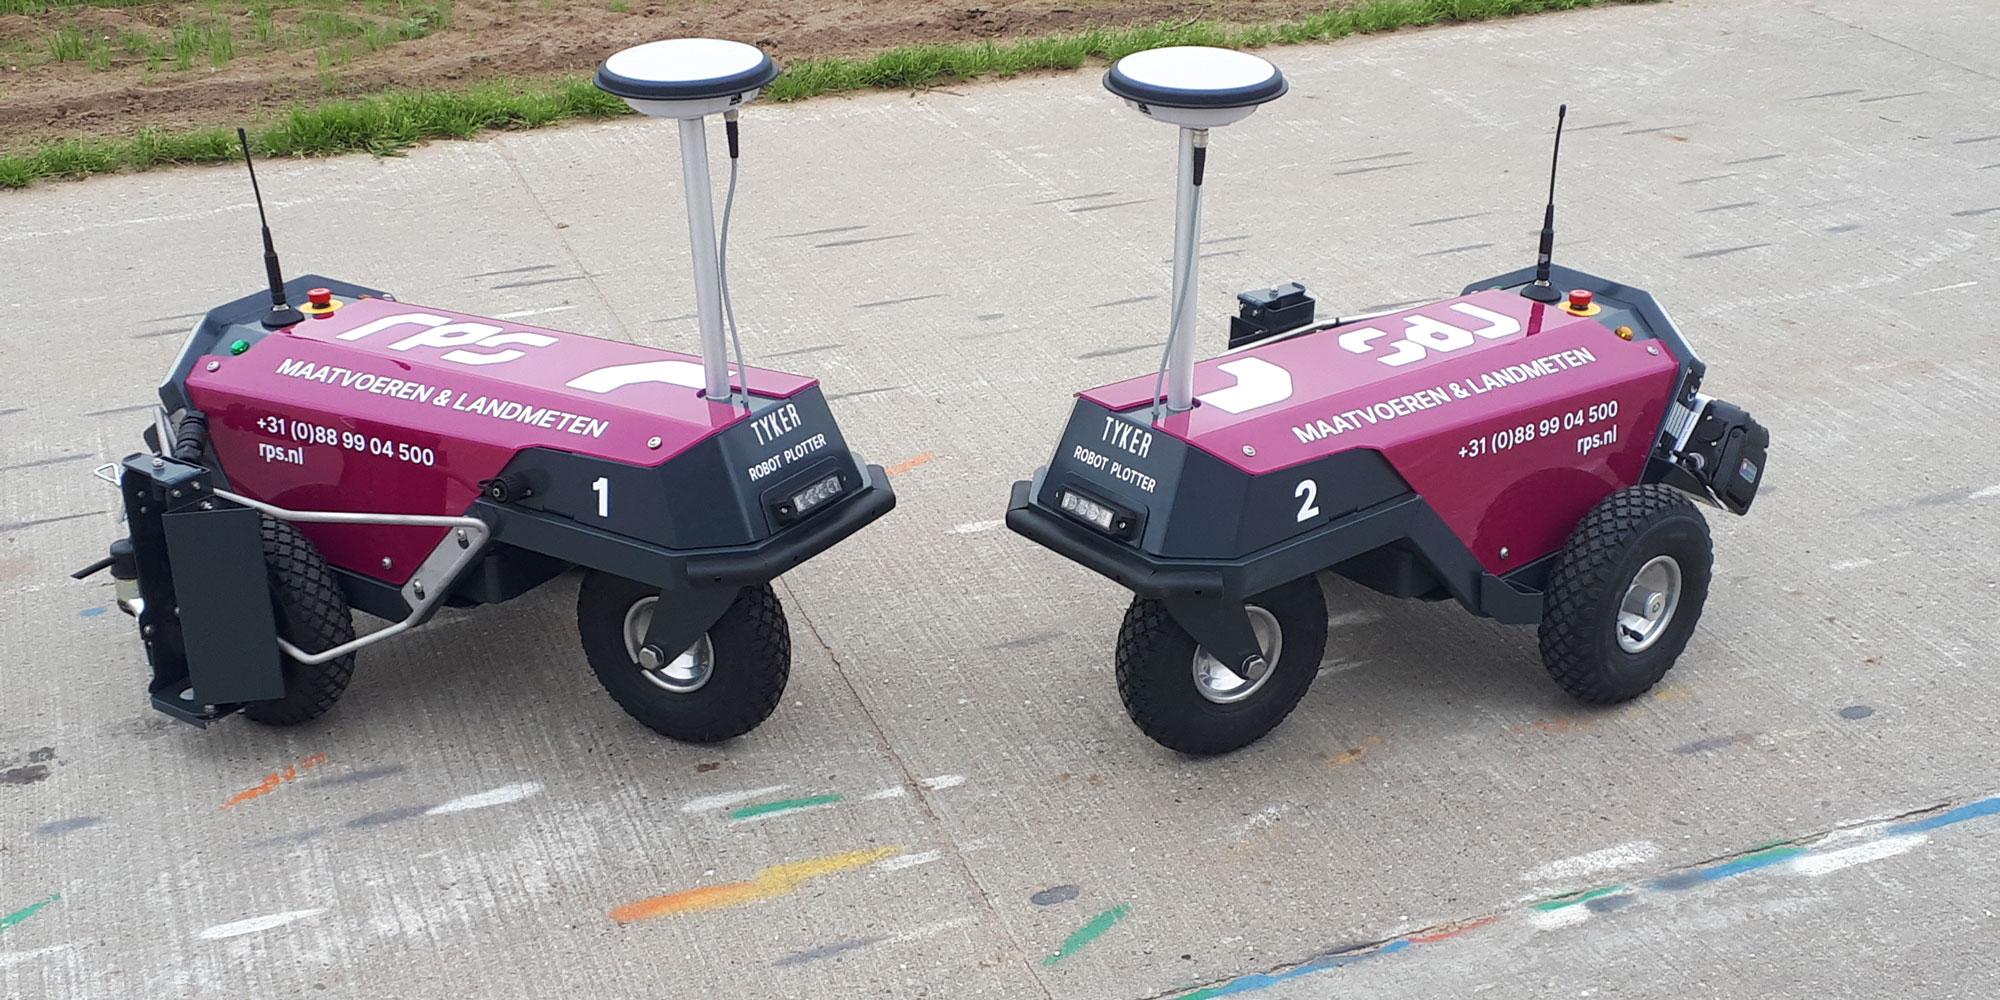 Twee nieuwe robots voor uitzetten wegmarkeringen